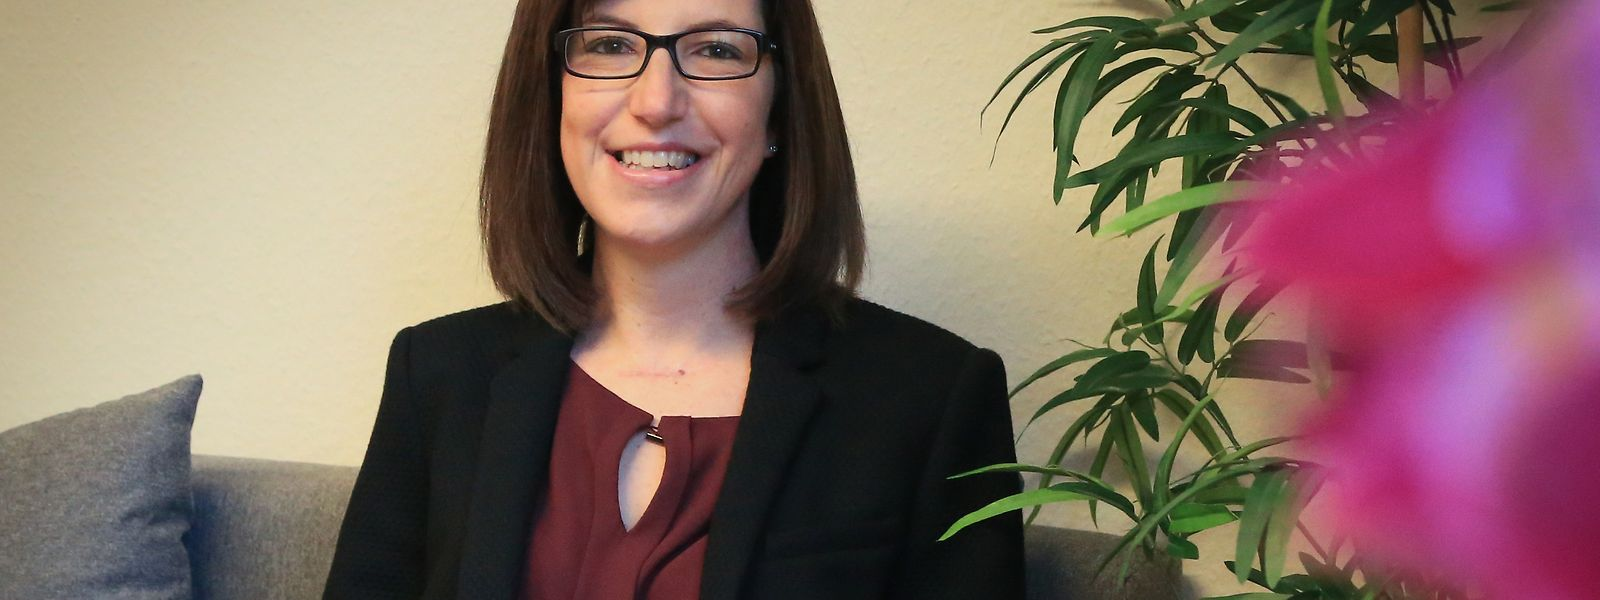 Michèle Dosser-Fox will nicht passiv bleiben im Kampf gegen den Krebs. Sie hat eine Austauschgruppe für junge Krebserkrankte auf Facebook gegründet.